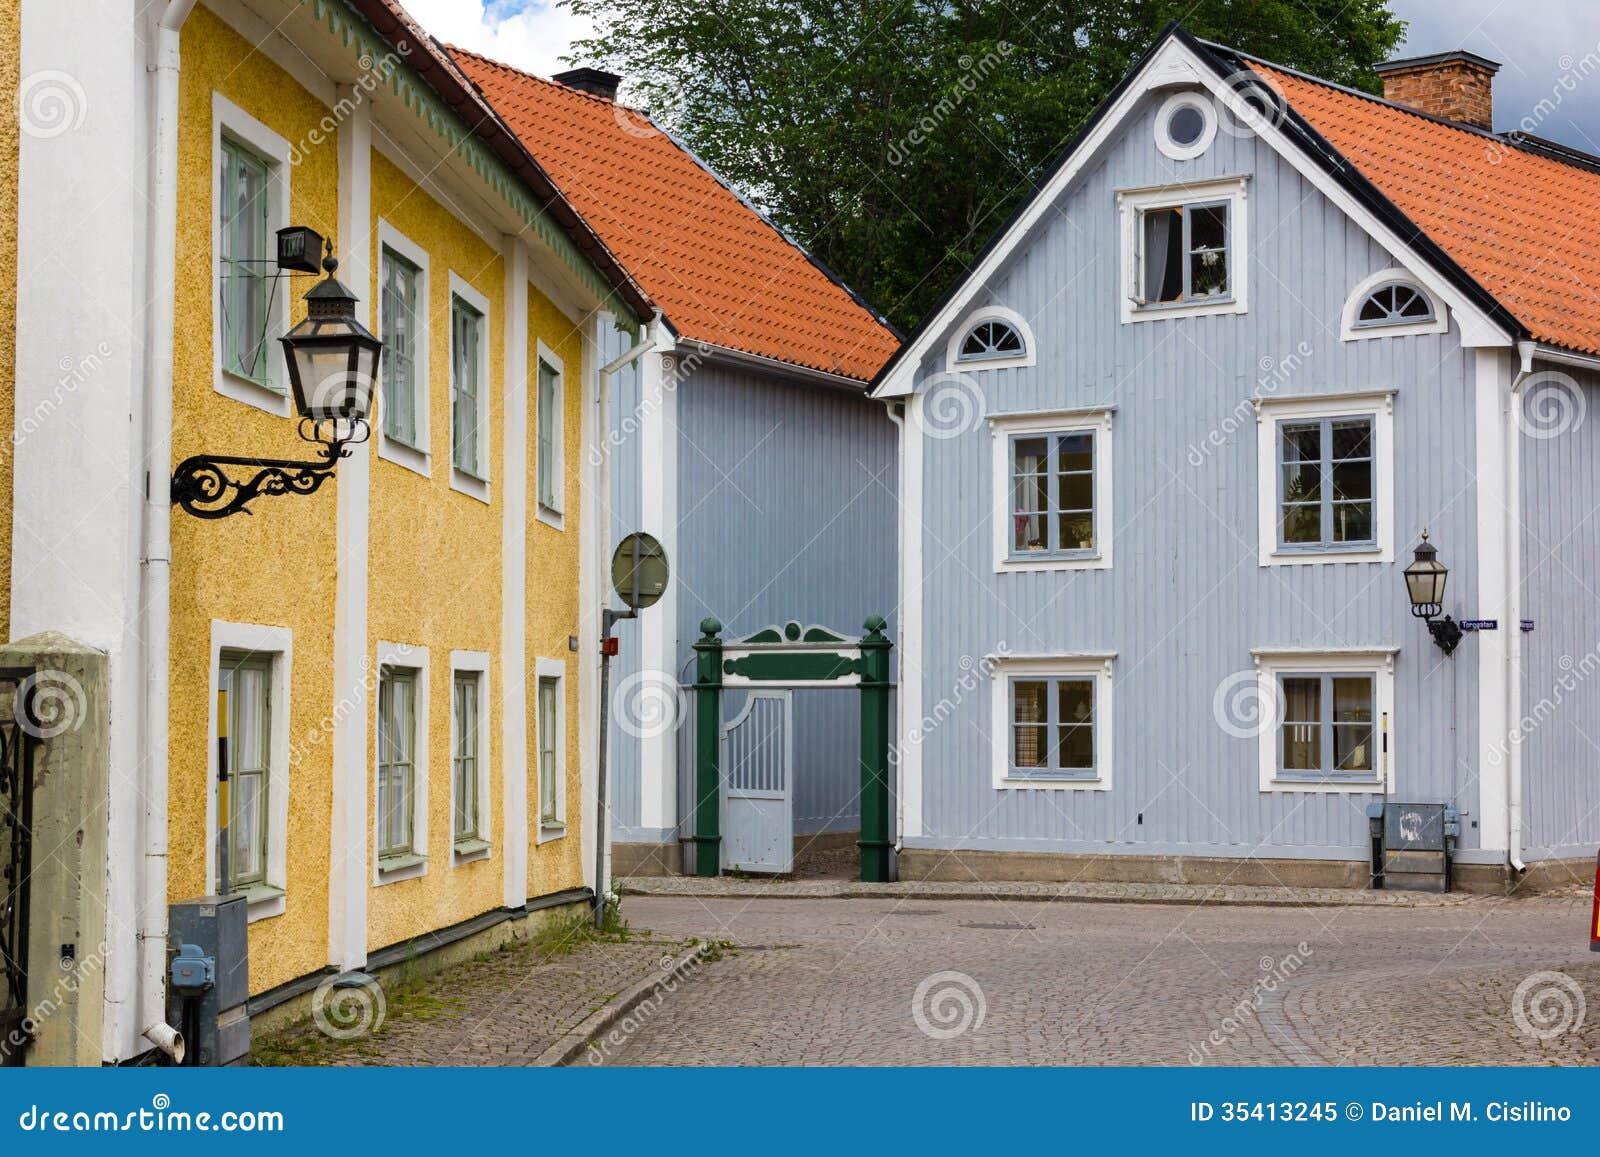 Старые красочные здания. Vadstena. Швеция